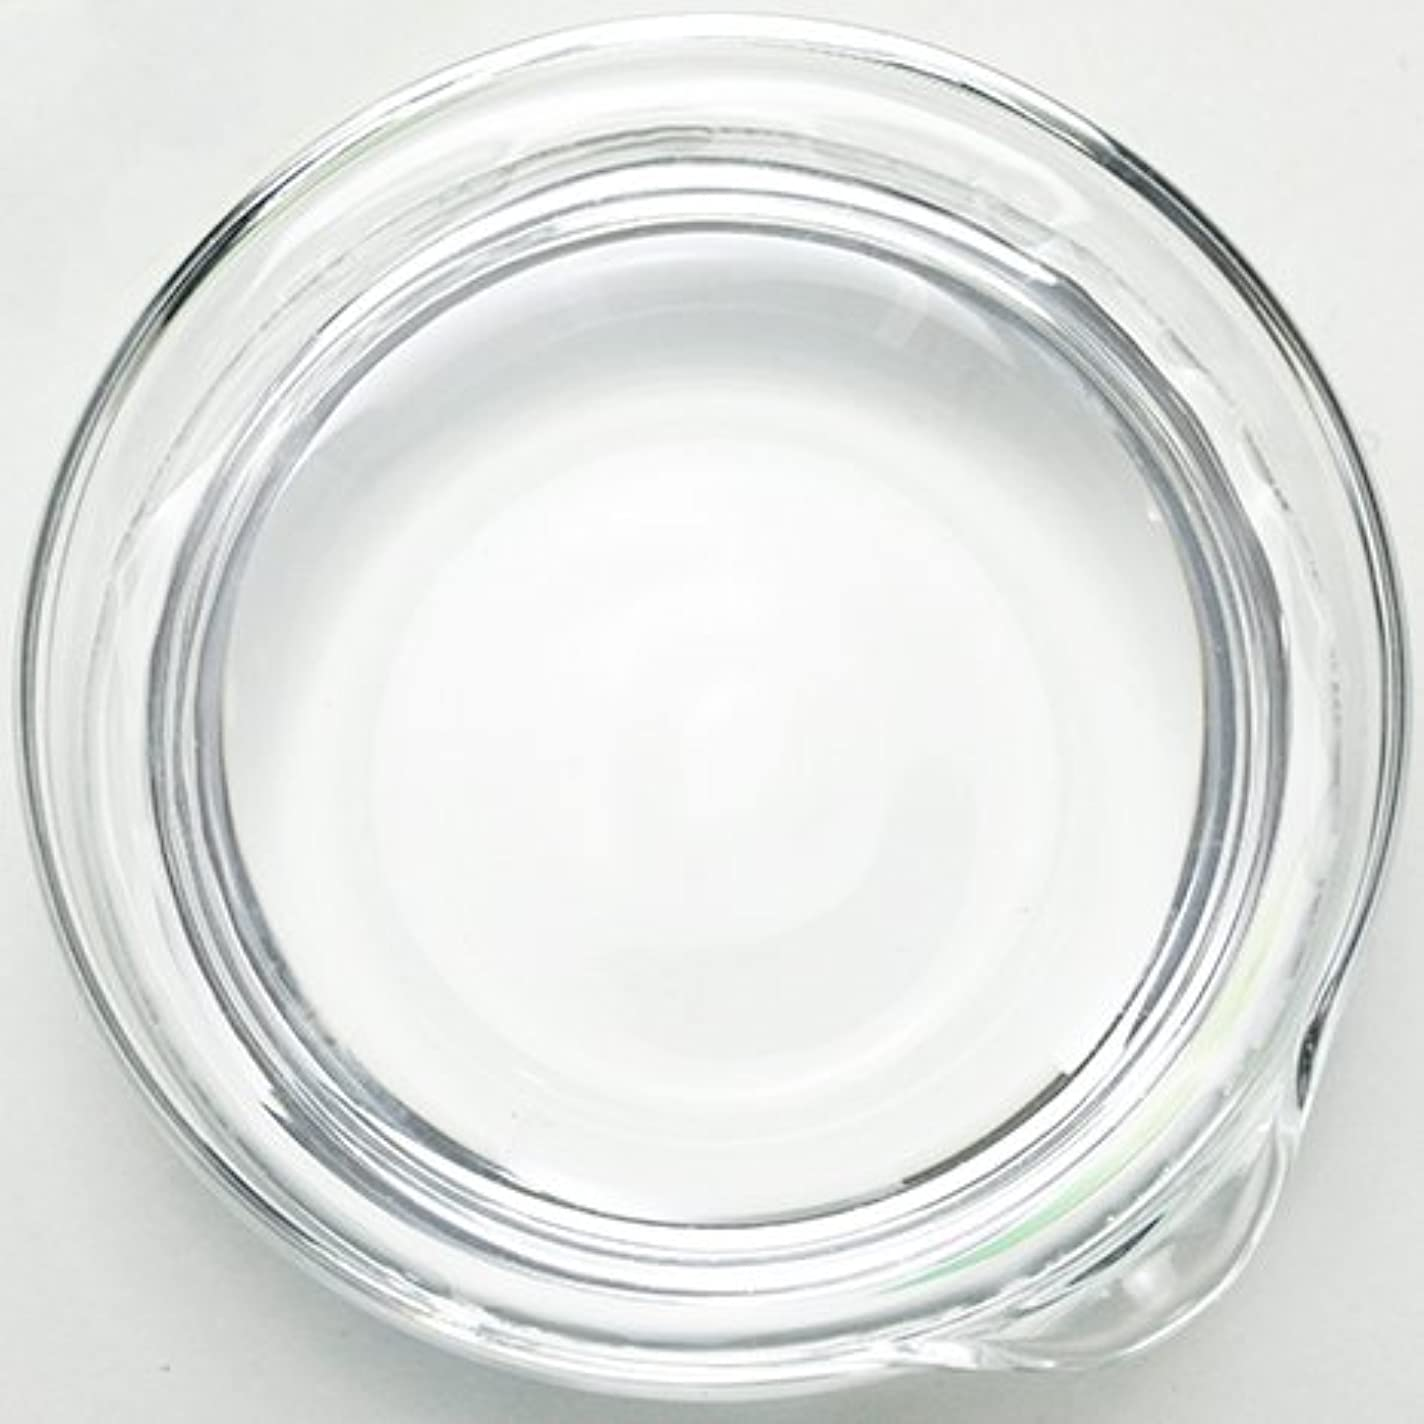 カセットモジュール剥離濃グリセリン[植物性] 100ml 【手作り石鹸/手作りコスメ】